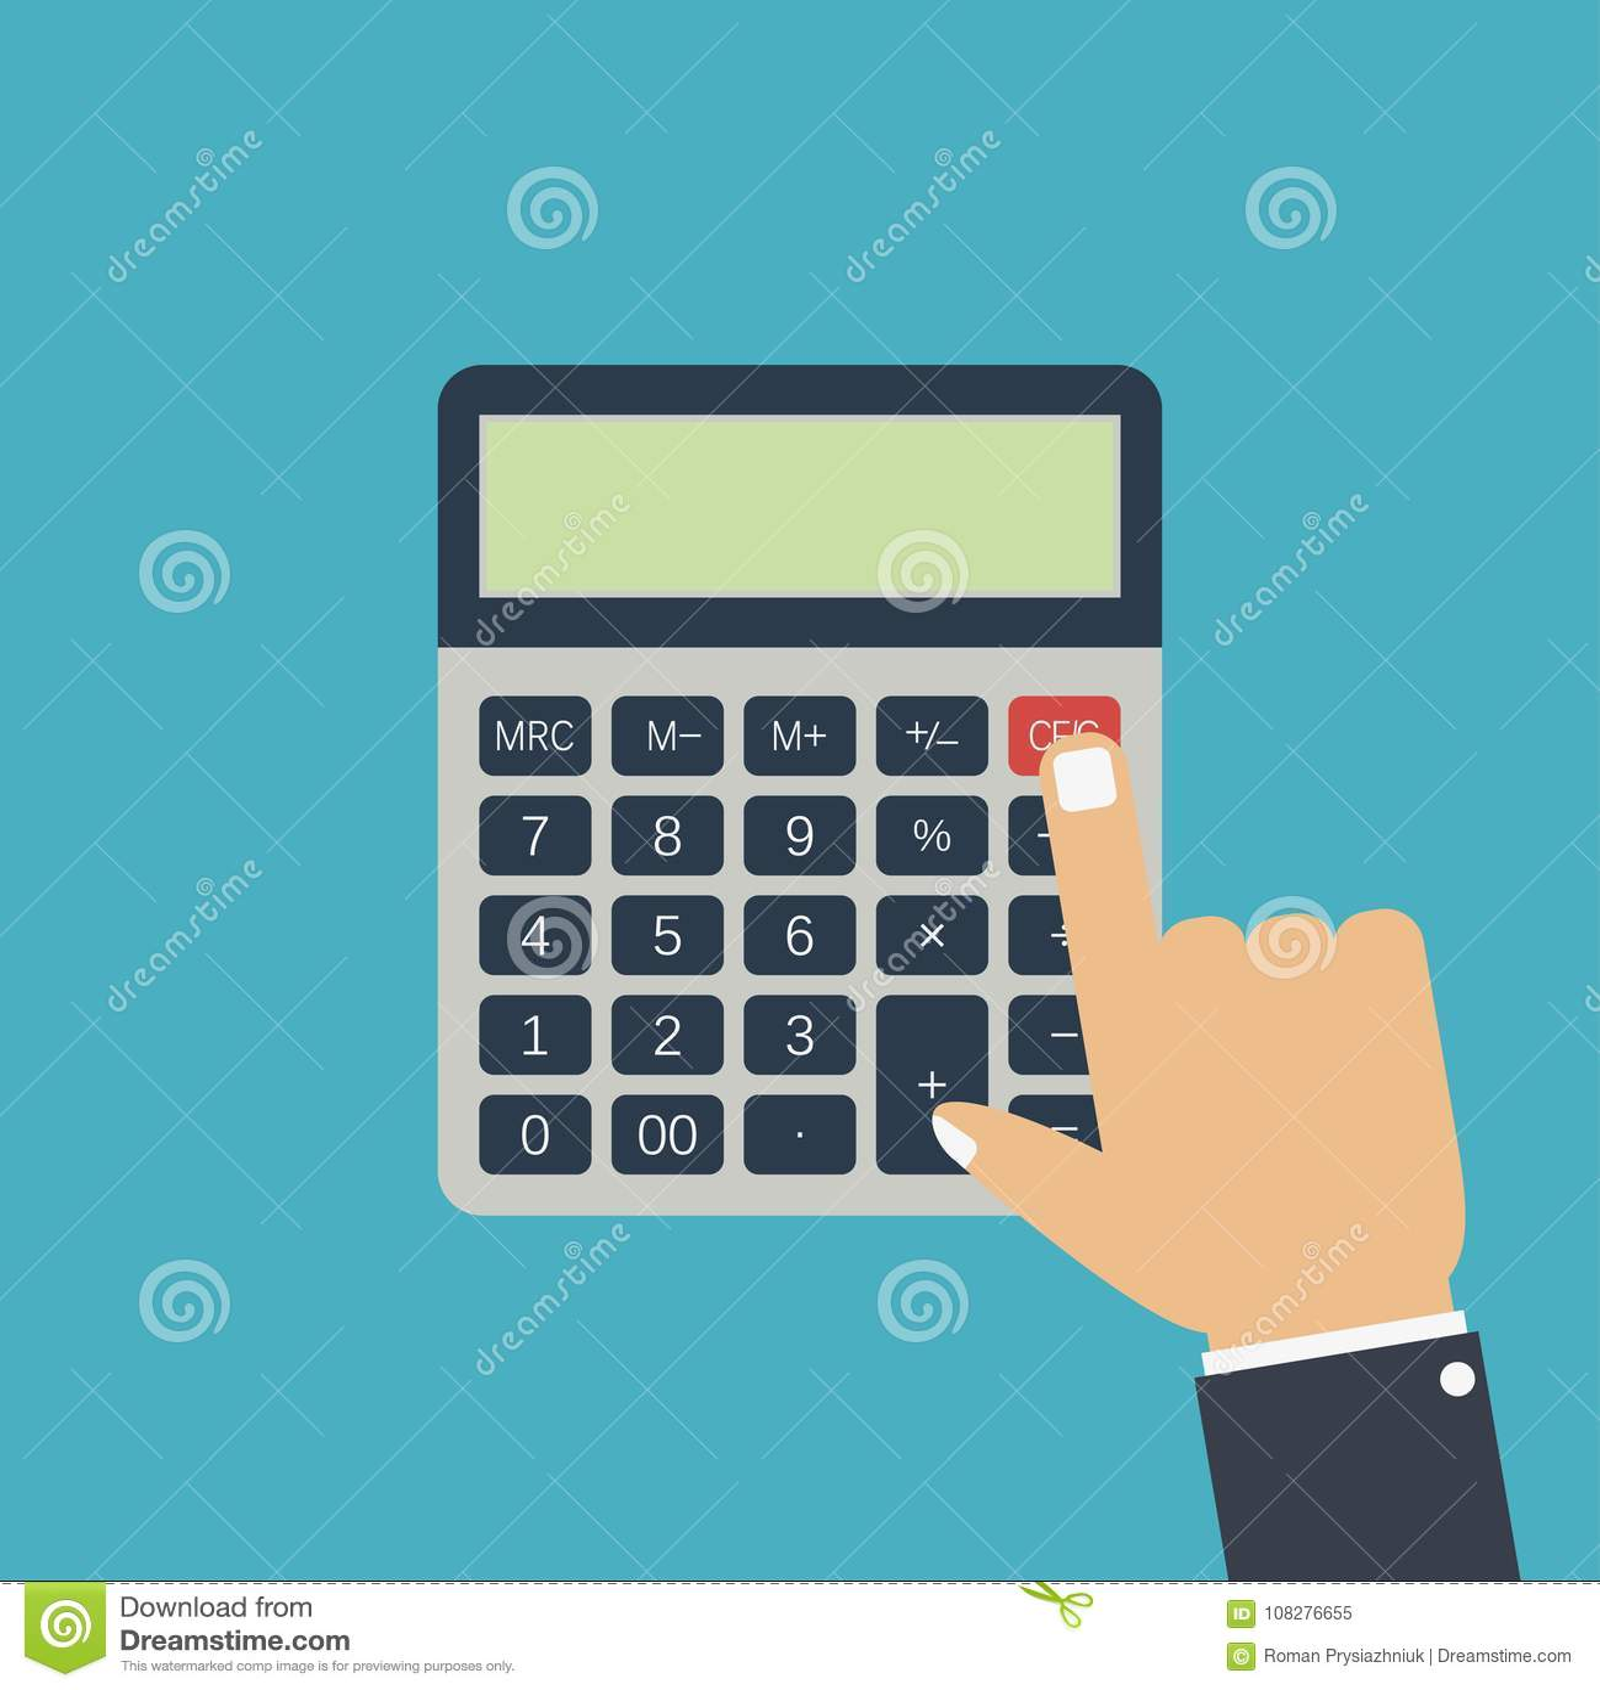 Calculators Stock Illustrations – 173 Calculators Stock ...